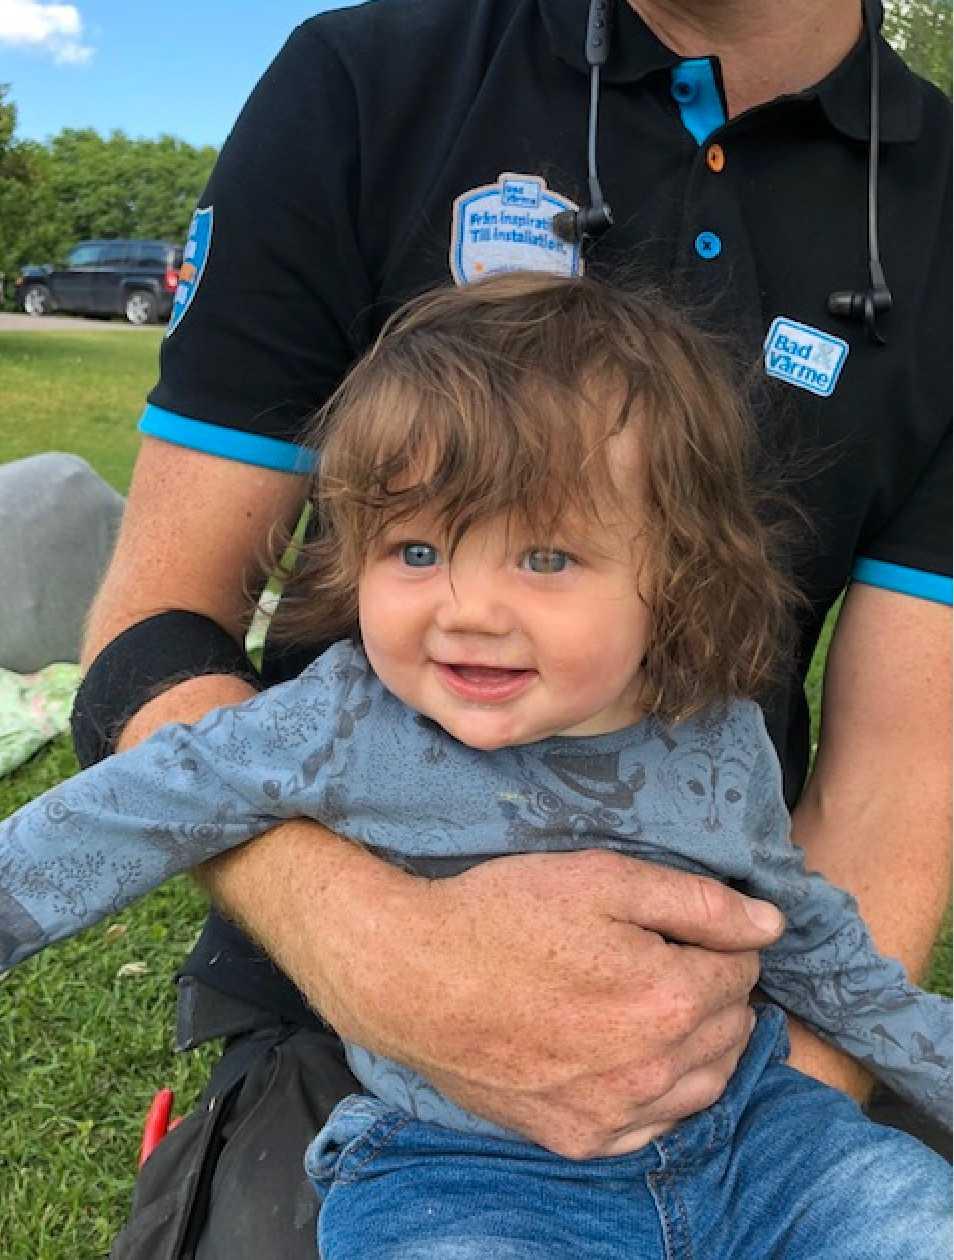 """Polly är i dag sju månader. På denna bild är hon cirka fem-sju månader gammal: """"Hon hade långt hår redan som nyfödd och får kommentarer om sitt hår dagligen. Vi kallar henne vår lilla trollunge"""", säger mamman Maja Liegnell från Kisa."""